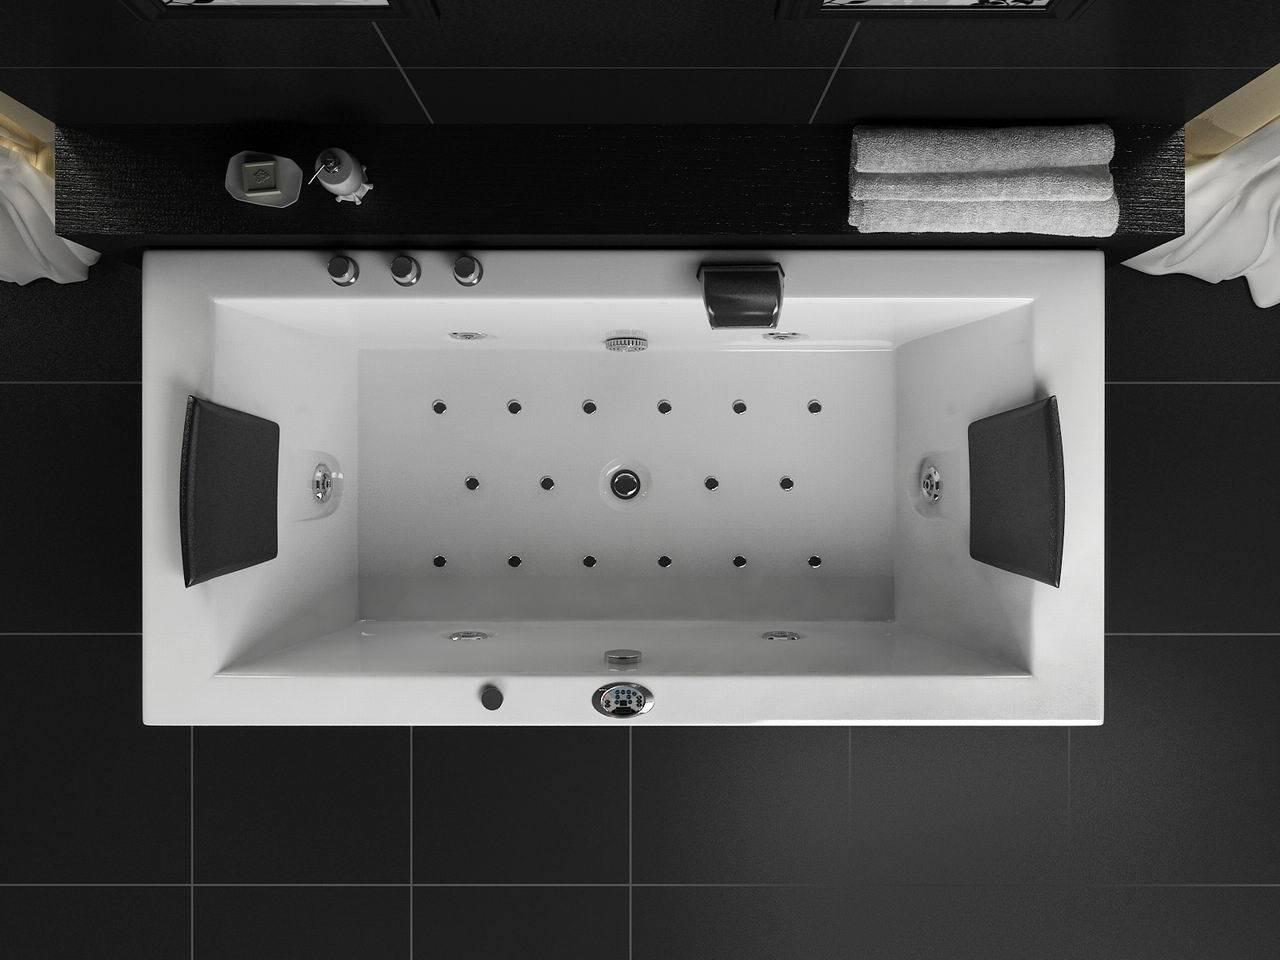 De badkuip van de draaikolk mt rt1802 de badkuip van de draaikolk mt rt1802 doorzhejiang - Douchekamer model ...